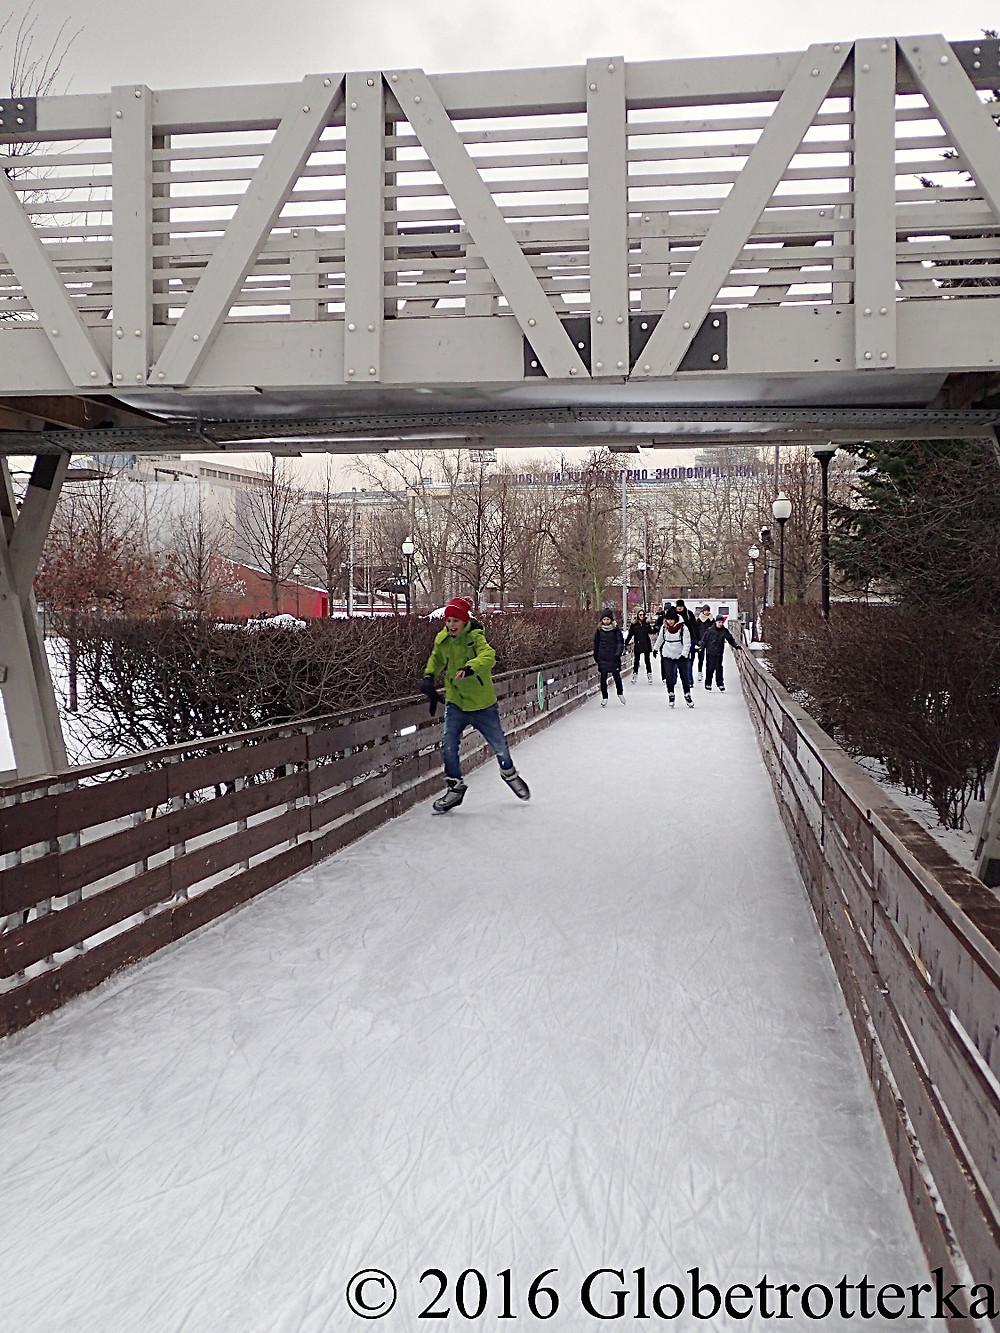 Une des allées de la patinoire du parc Gorki qui passe en dessous d'un pont d'observation © 2016 Globetrotterka